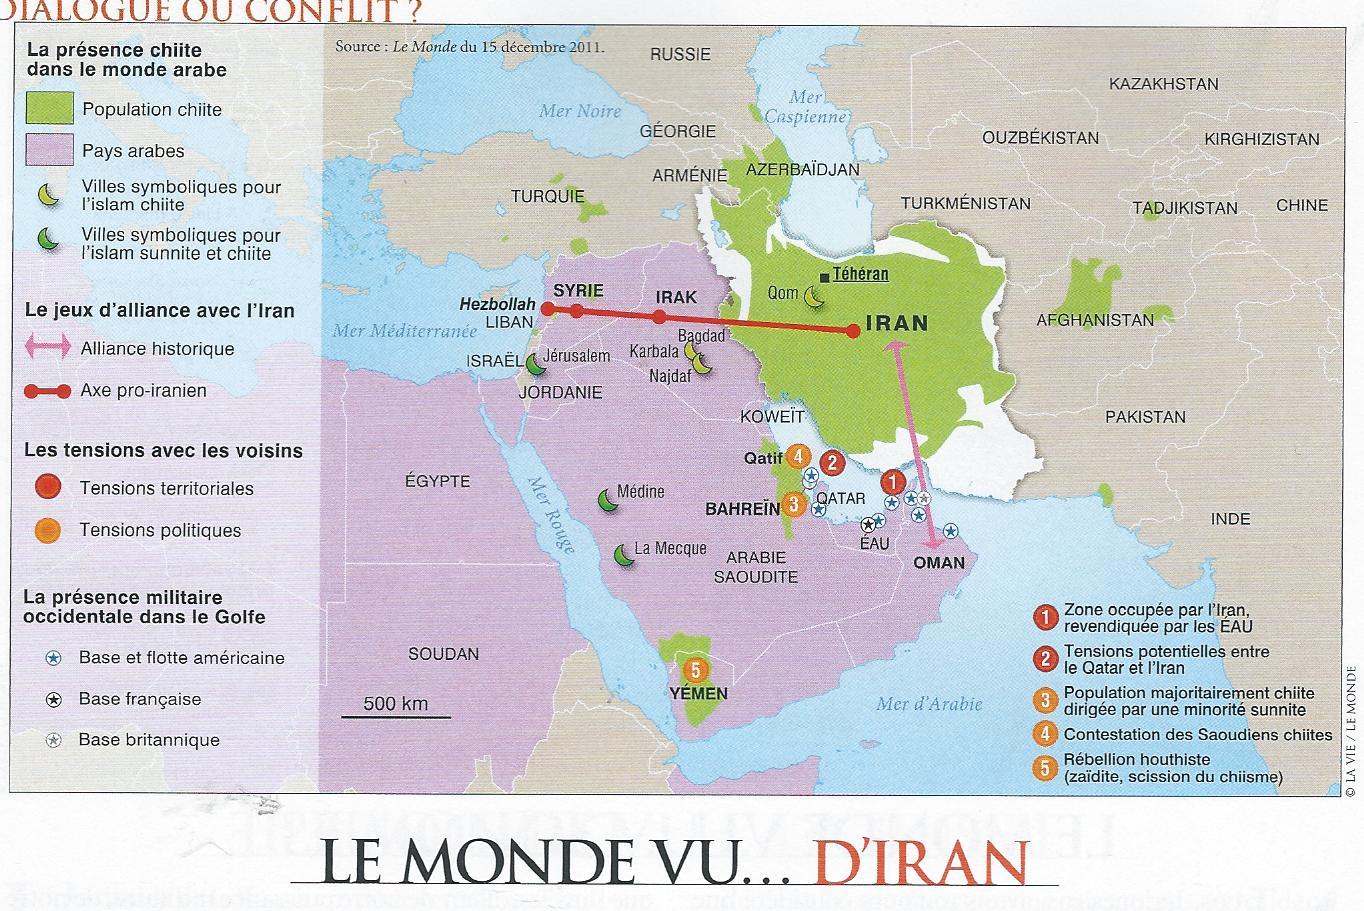 Carte De Lafrique Et Moyen Orient.Ozennegeopolitique2 Blog Voue Aux Etudiants De 2eme Annee De La